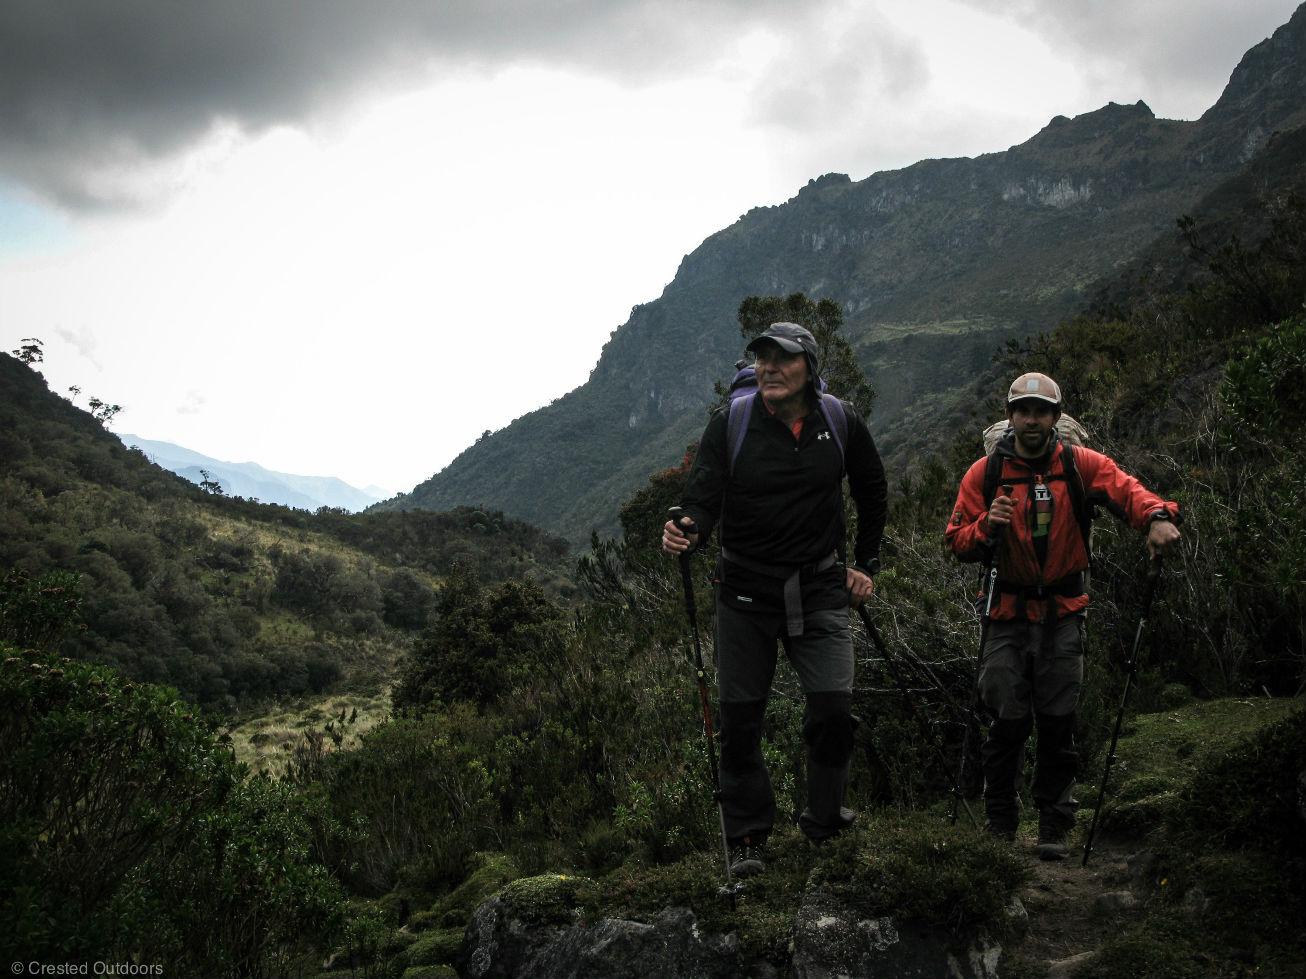 Colombia, casi subimos al Nevado del Tolima